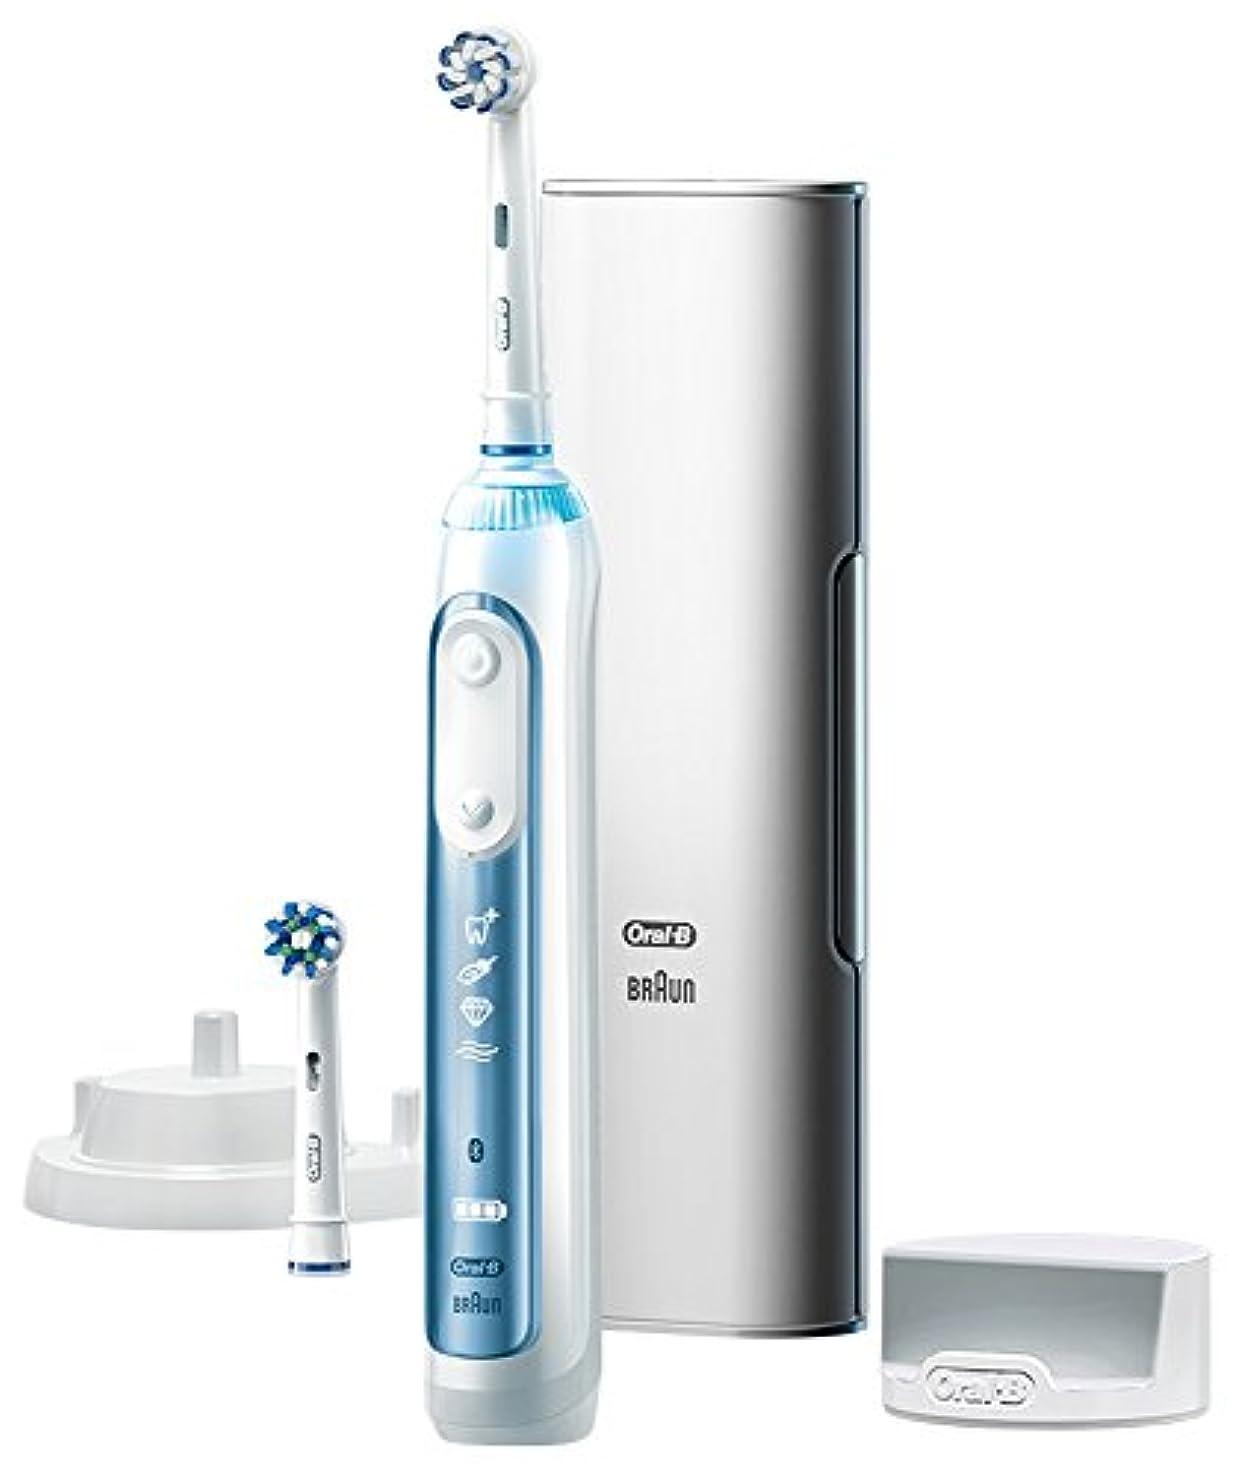 バックアップ盲目医薬品ブラウン オーラルB 電動歯ブラシ スマート7000 D7005245XP D7005245XP